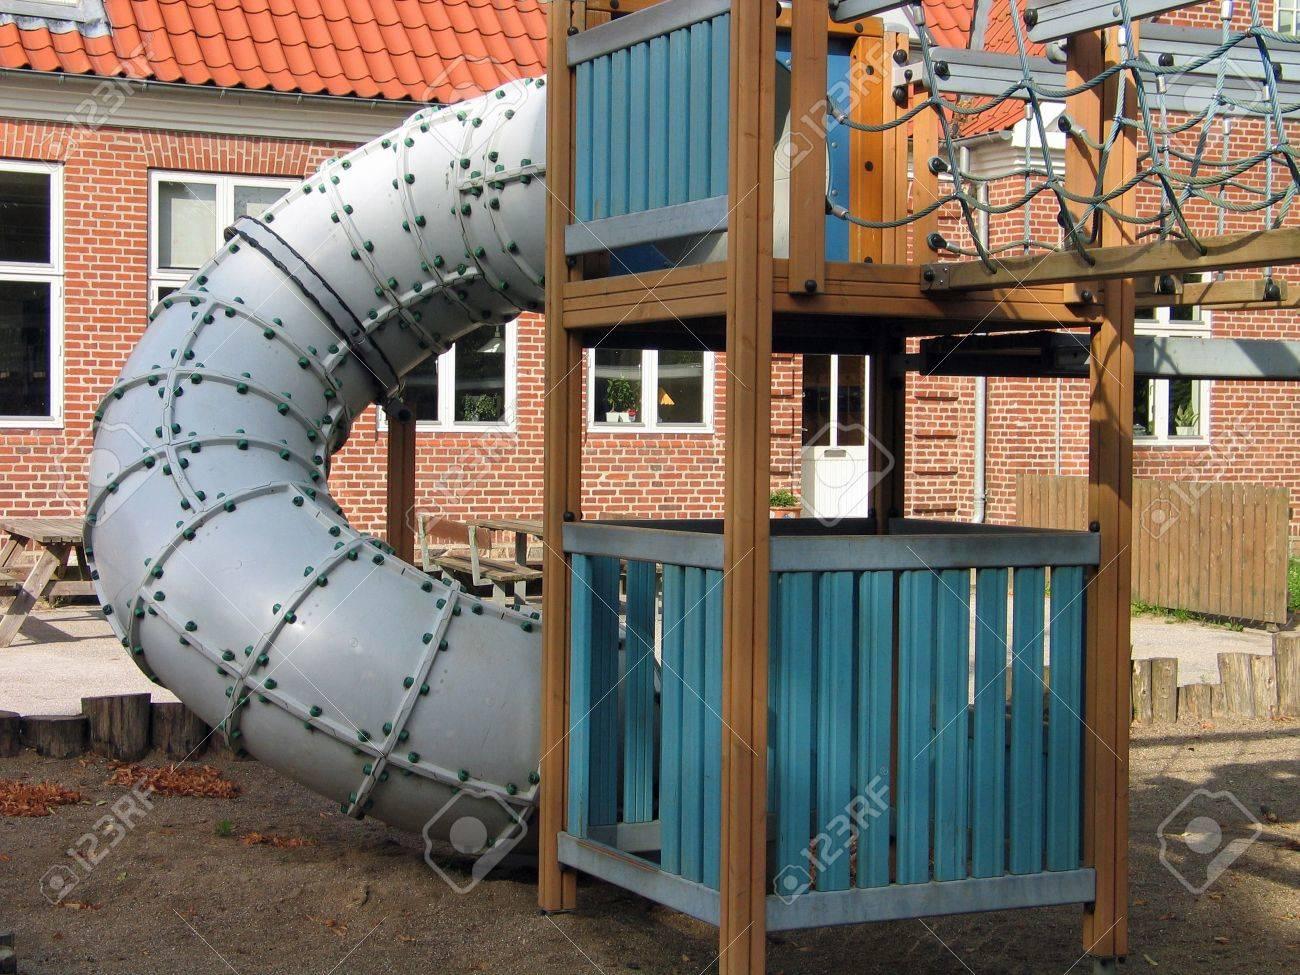 Modern Scandinavian design playground equipment Stock Photo - 1313143